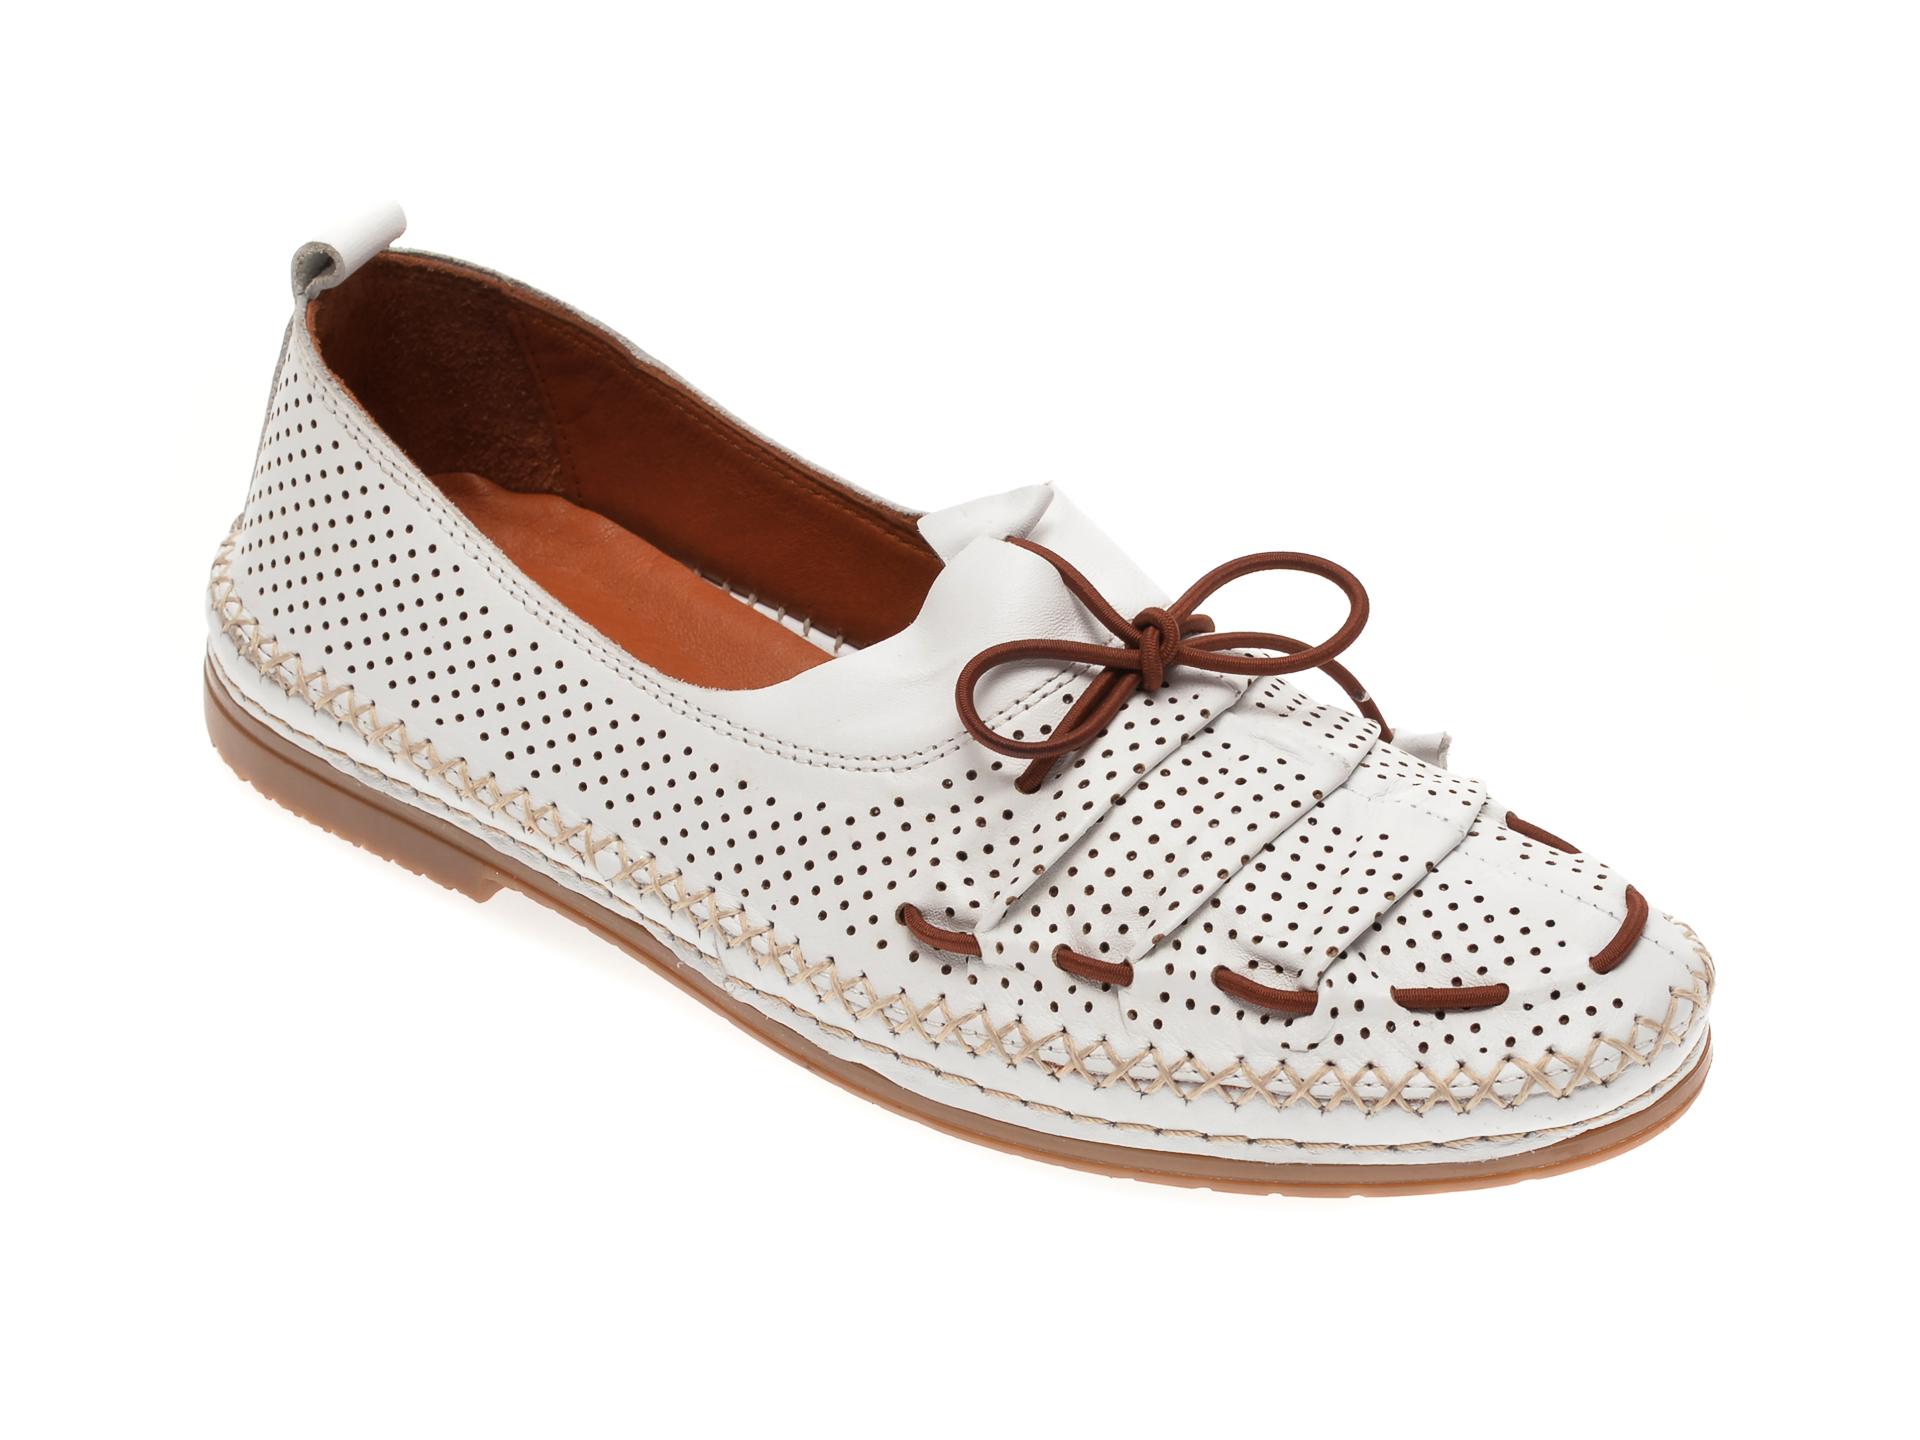 Pantofi BABOOS albi, 1557011, din piele naturala